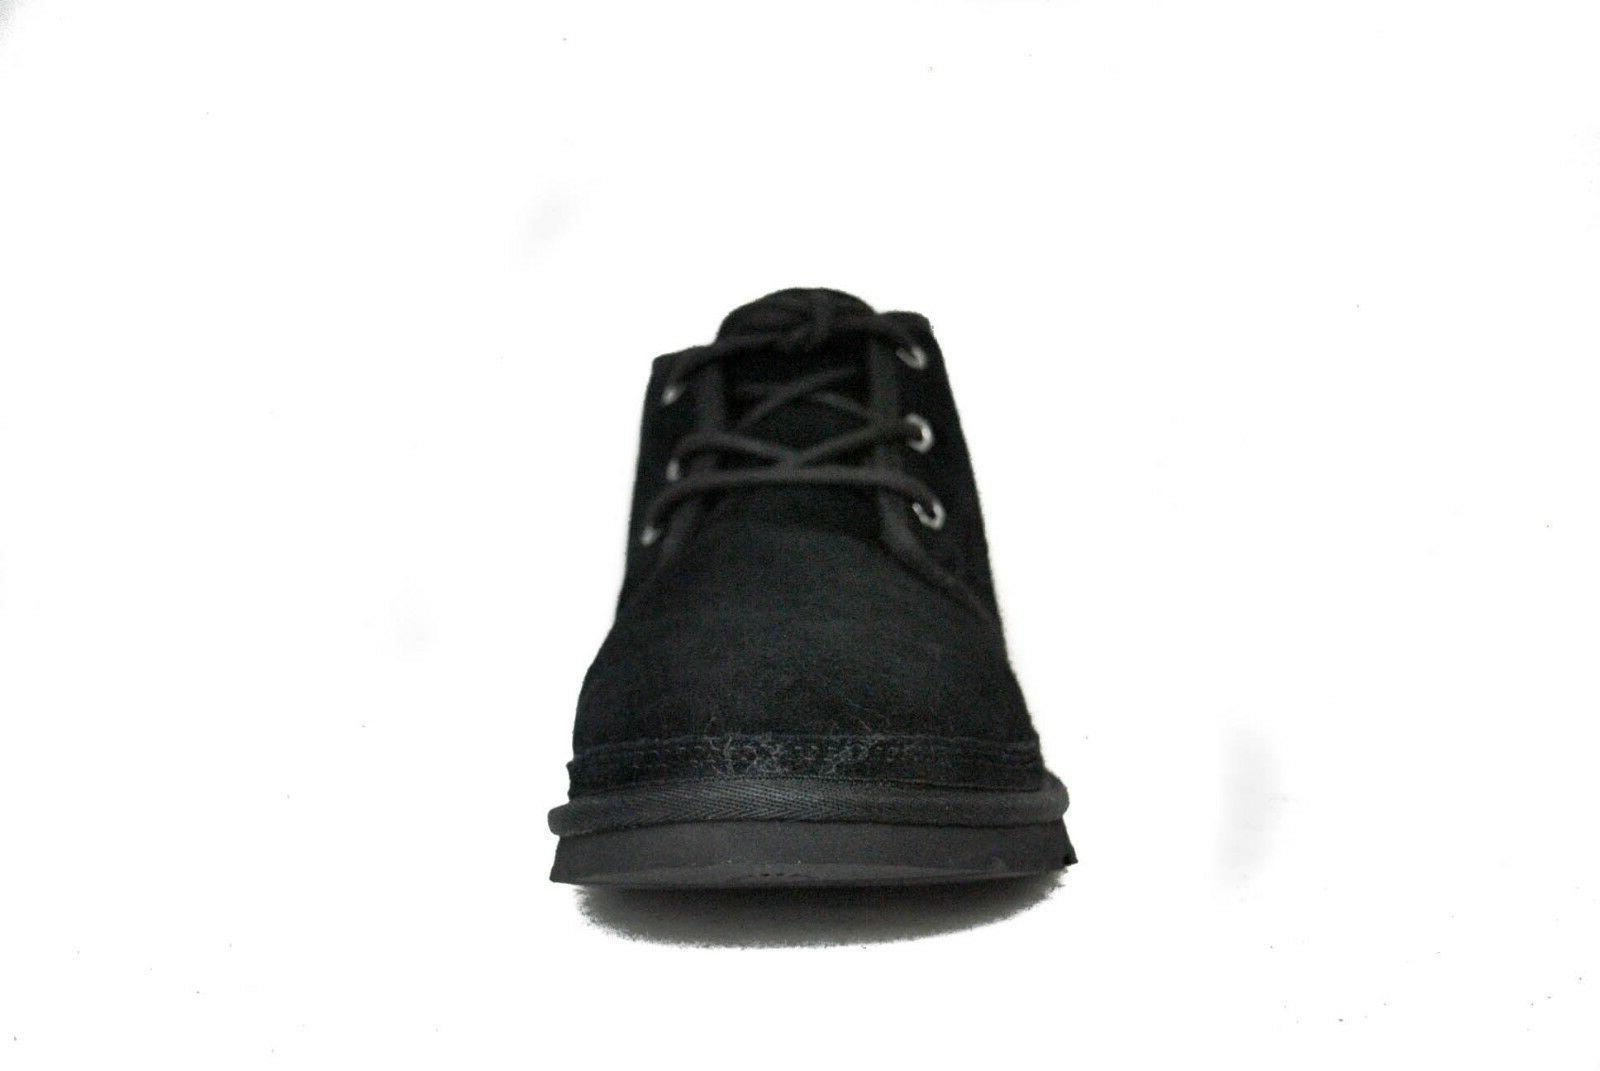 Ugg Australia Men S Neumel 3236 Shoes Black Suede